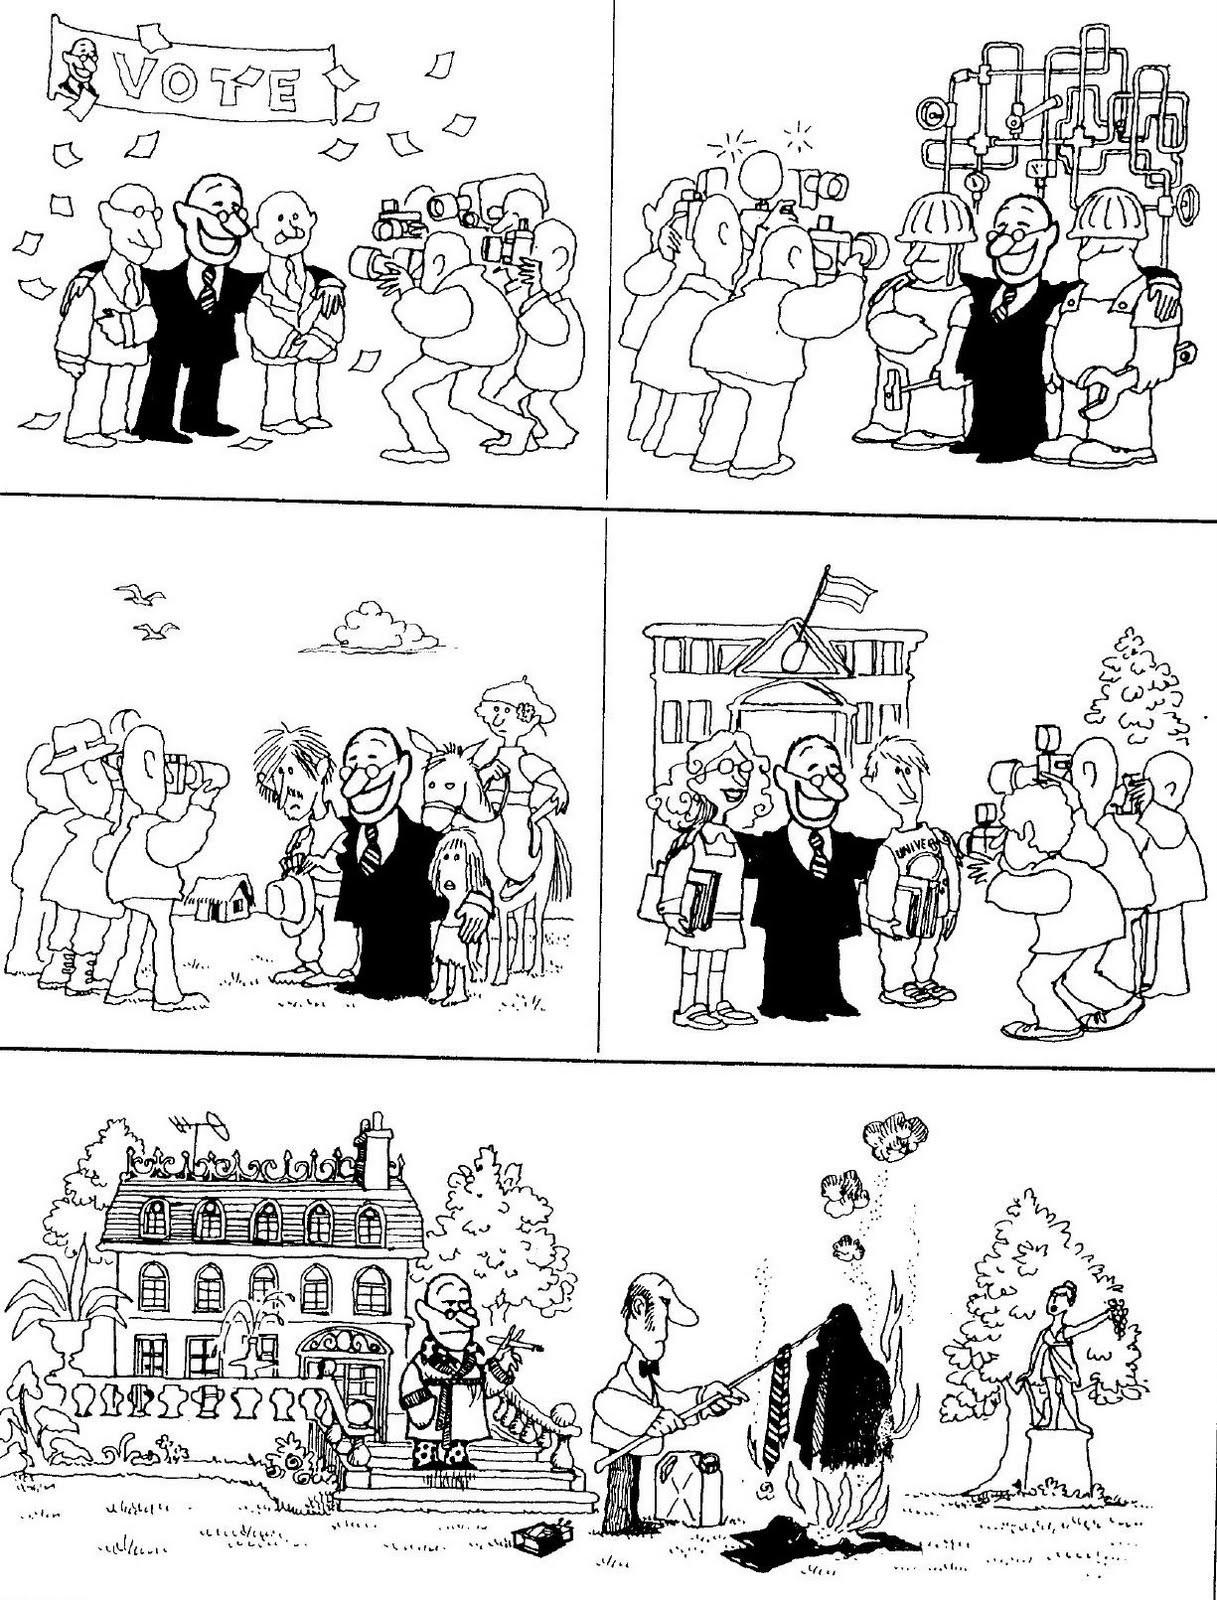 quino on politicians